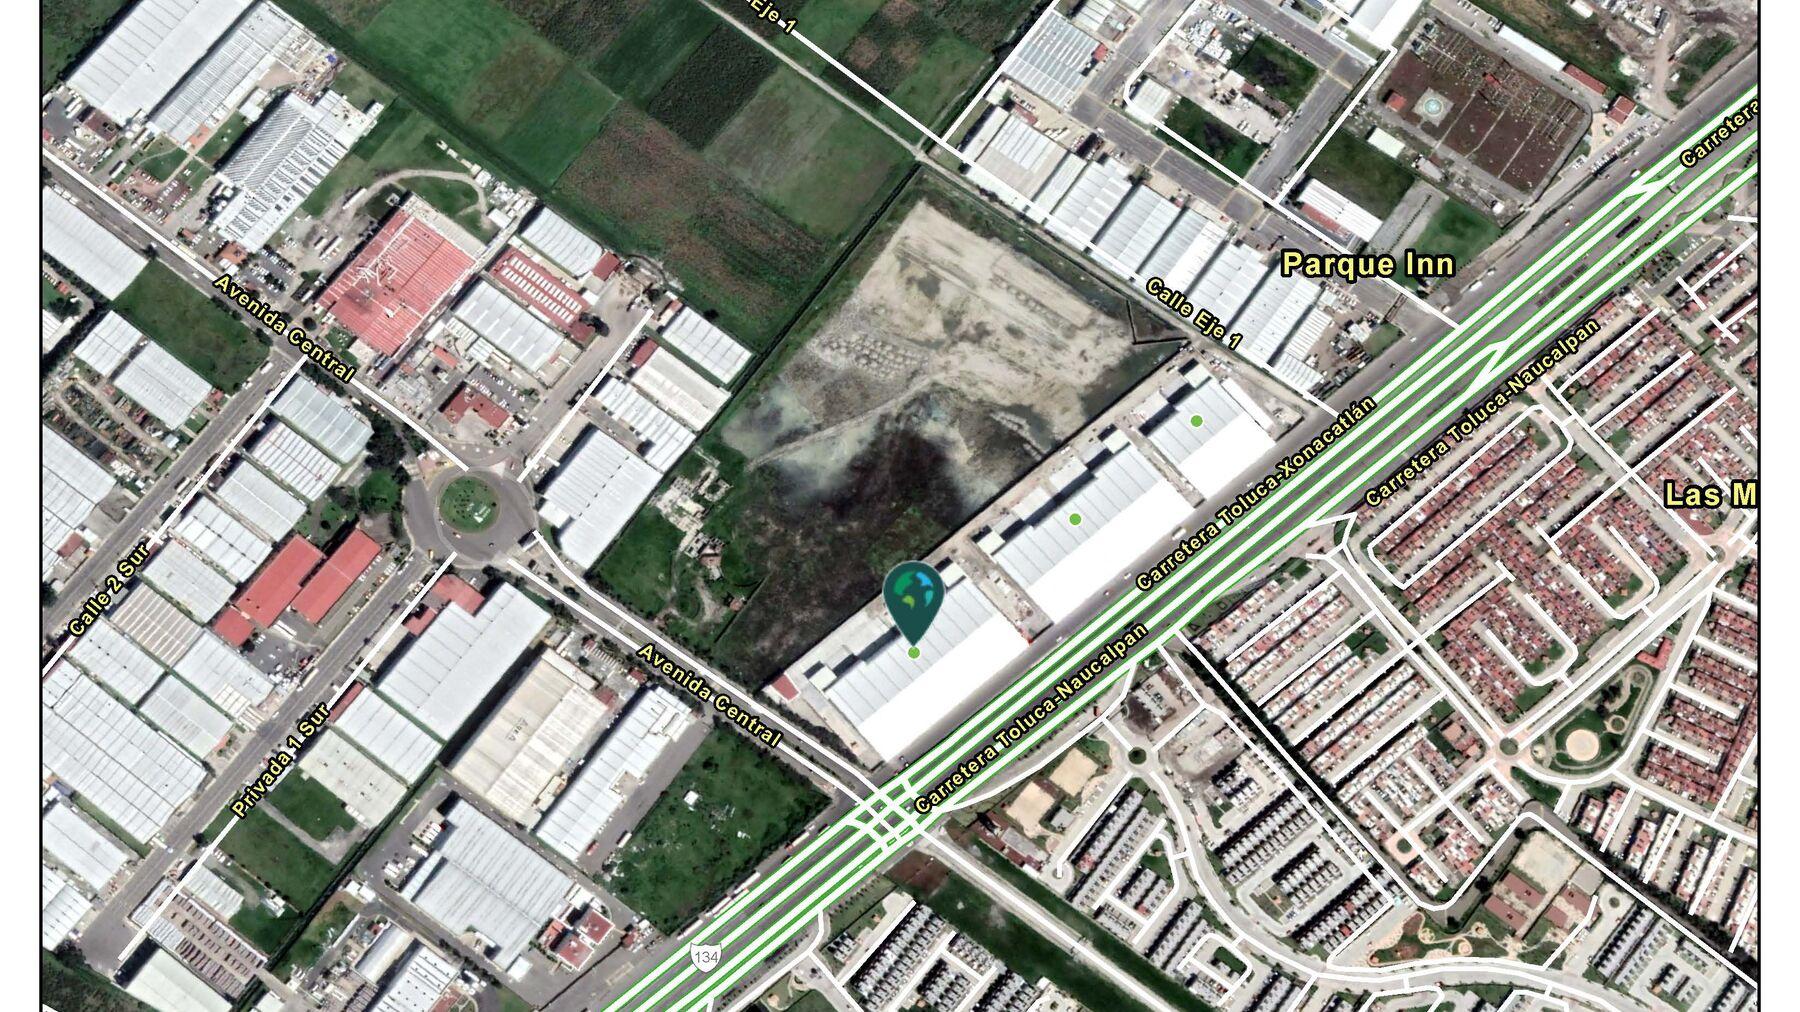 DPM-Aerial-Toluca-II_Building-1.jpg